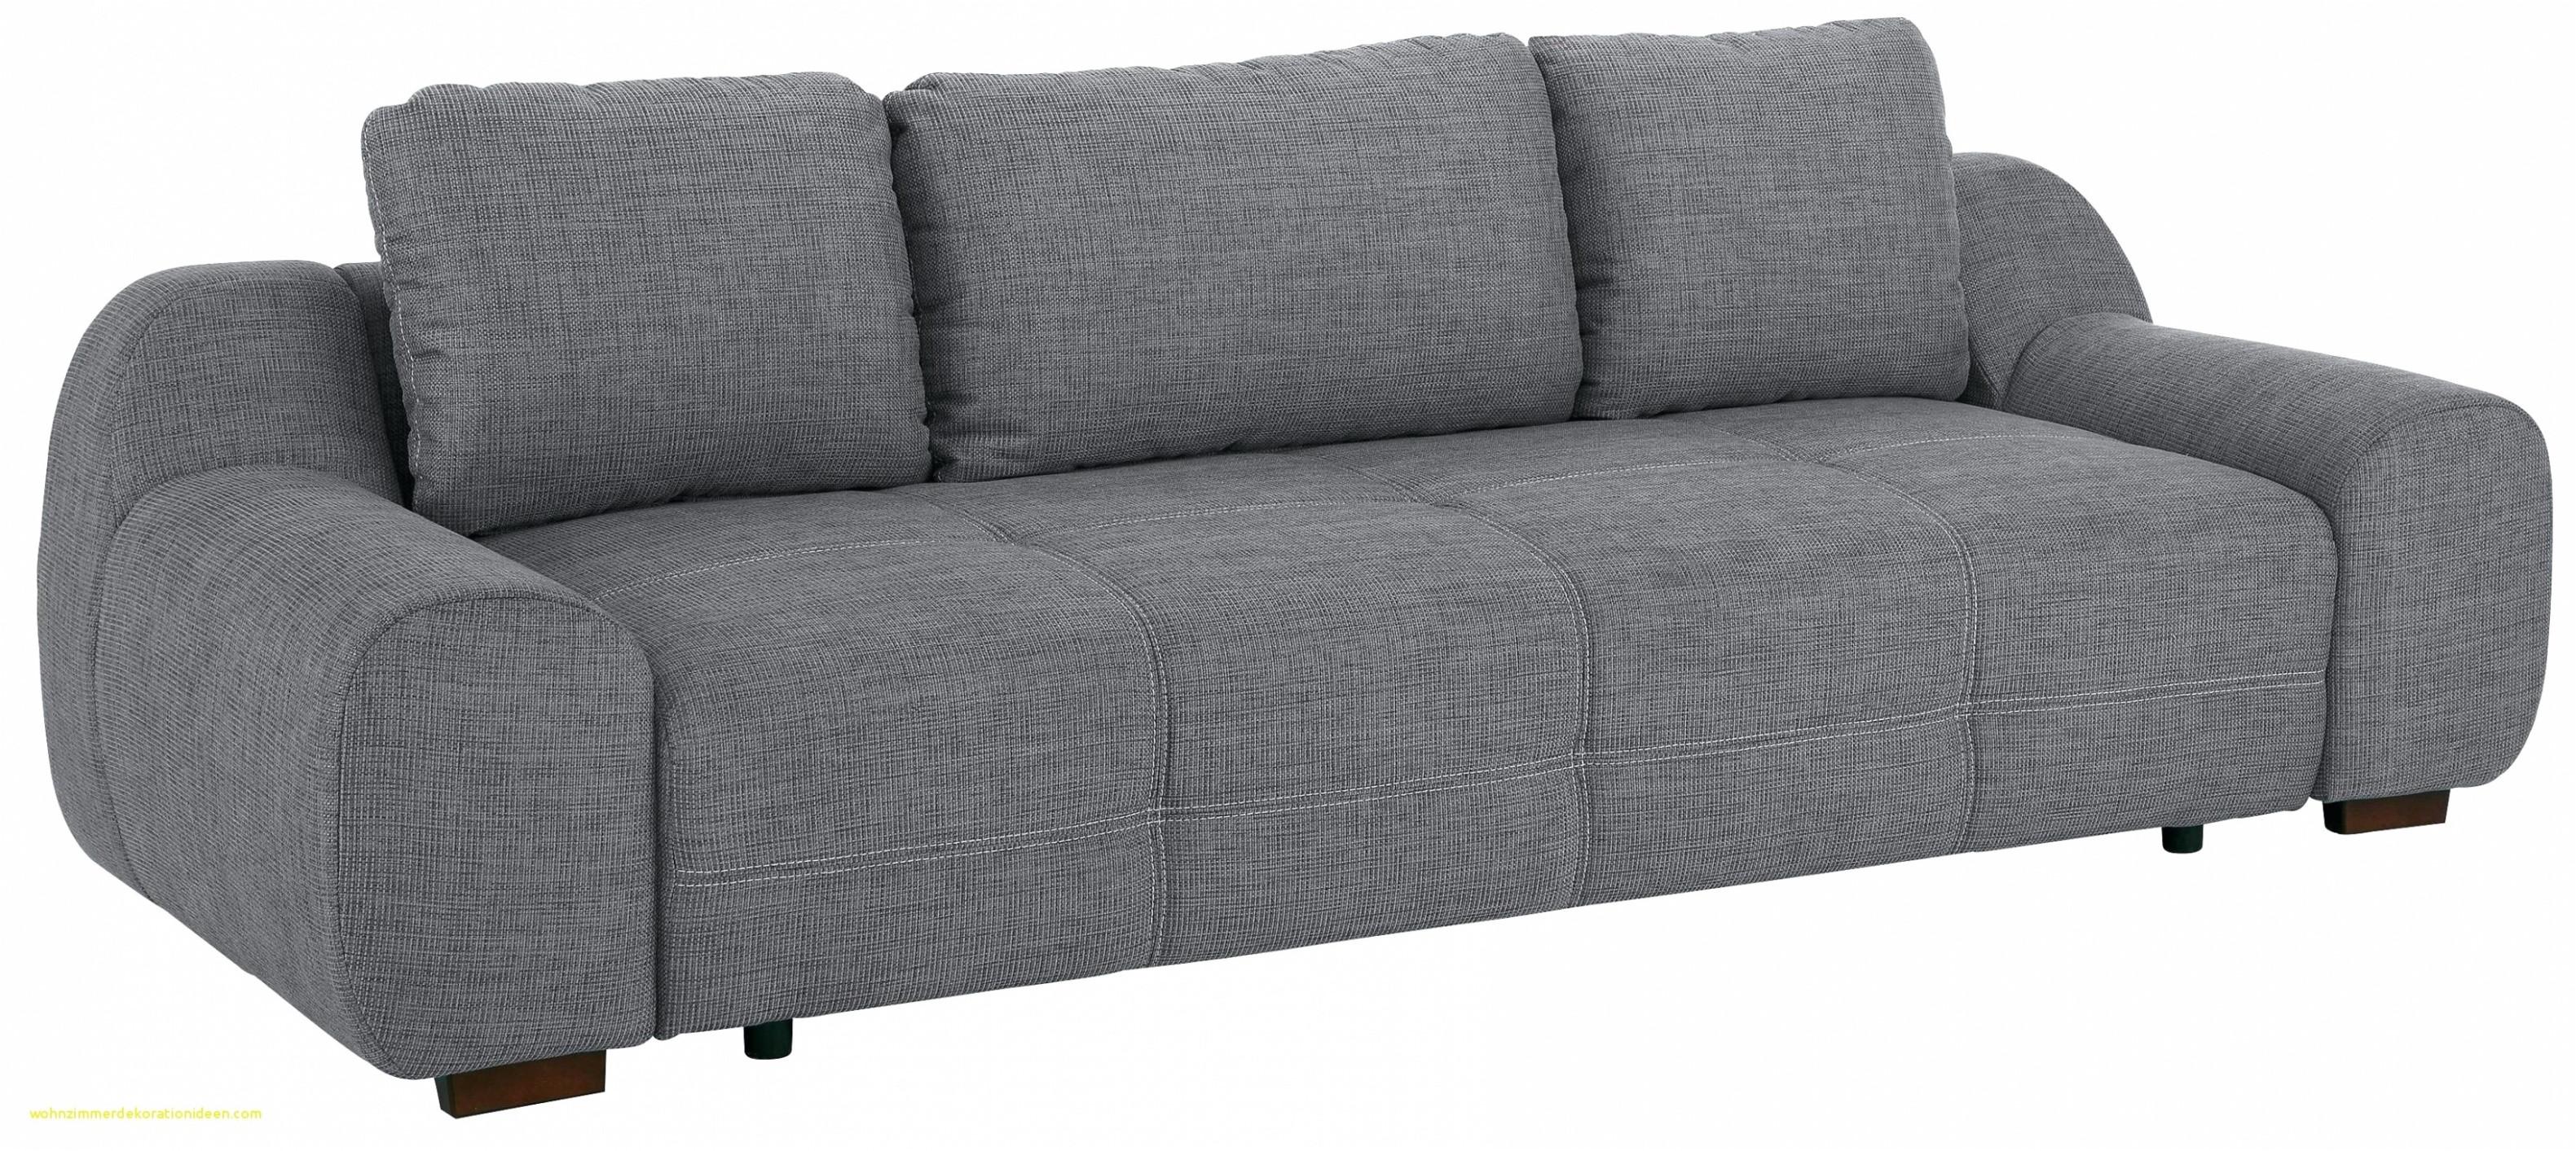 image de couch mit dauerschlaffunktion beste 32 eindeutig sofa mit